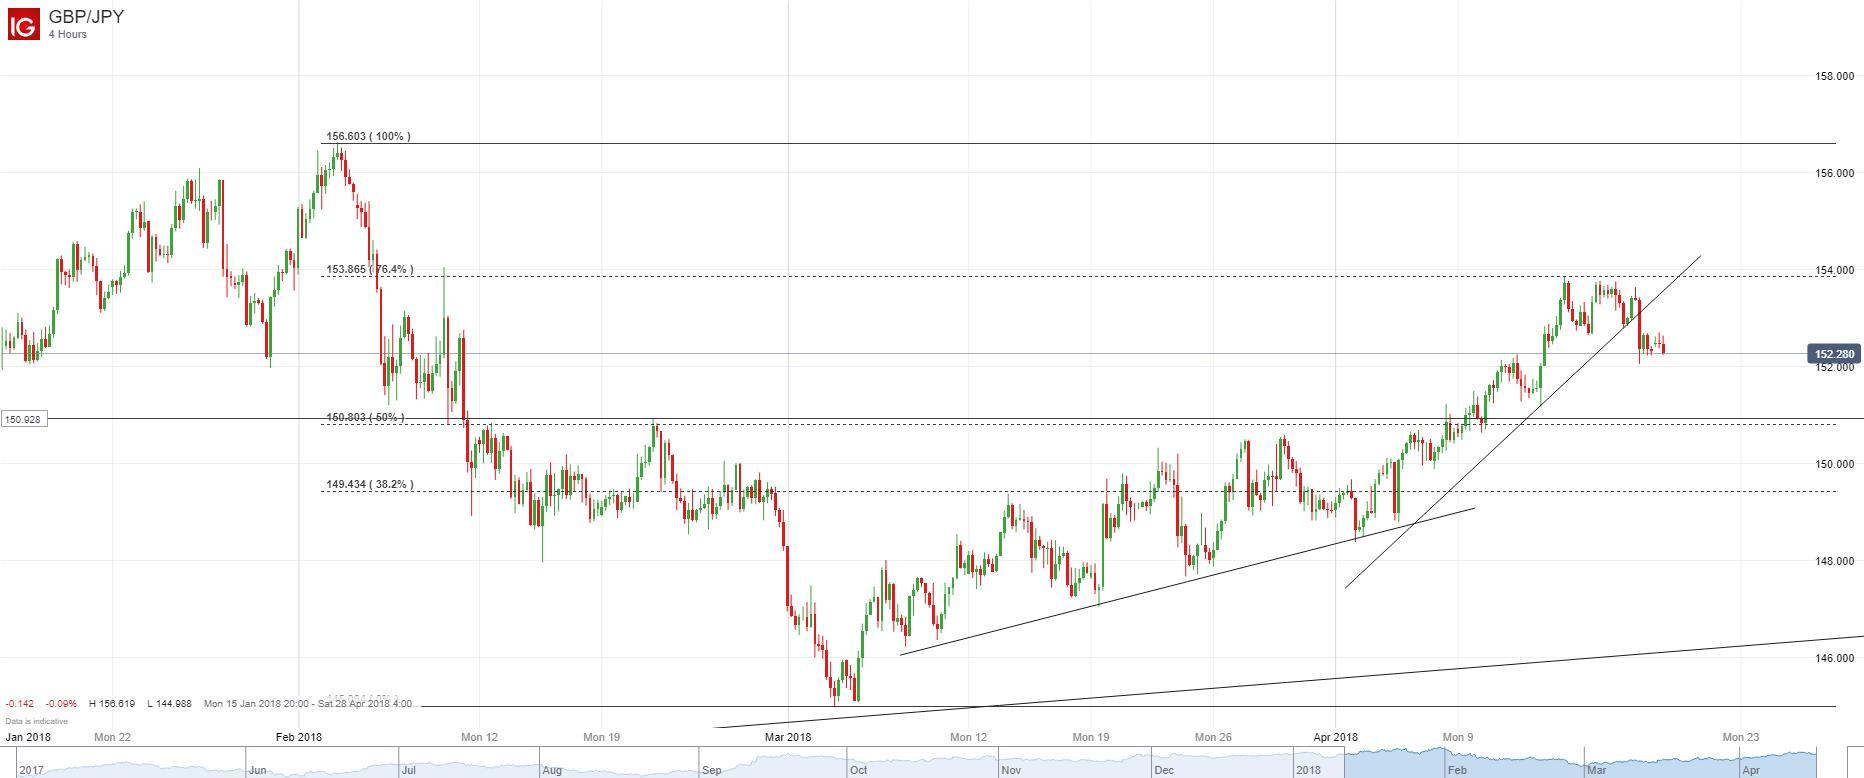 英鎊/日元:跌破4小時圖自4月4日開始的支撐線